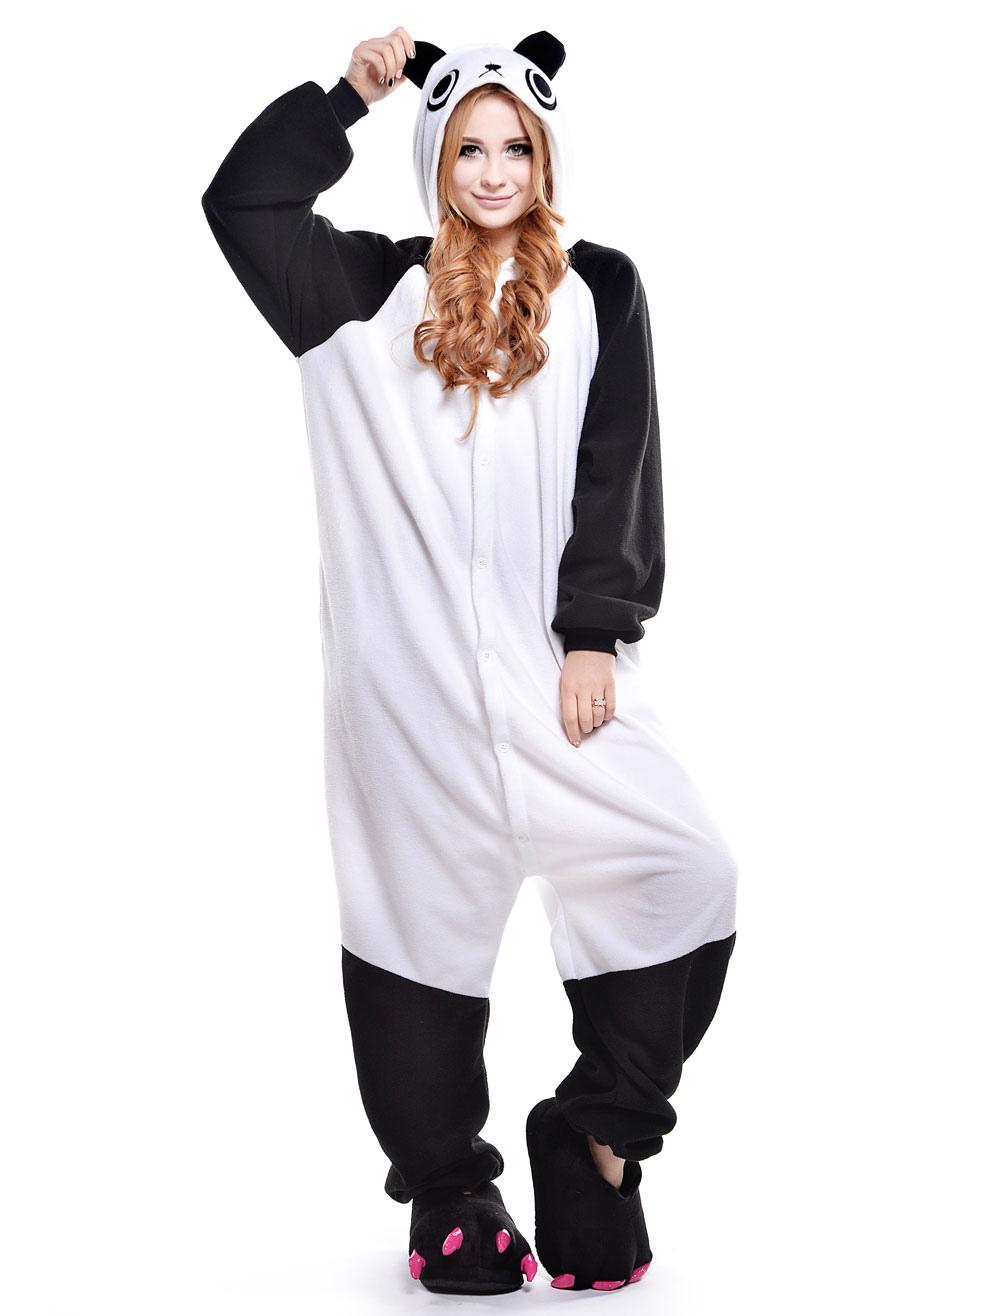 Couleurs variées section spéciale dernière vente Kigurumi Pyjamas panda Onesie pour adultes 2019 fleece Flannel noir blanc  Costume d'animaux Halloween